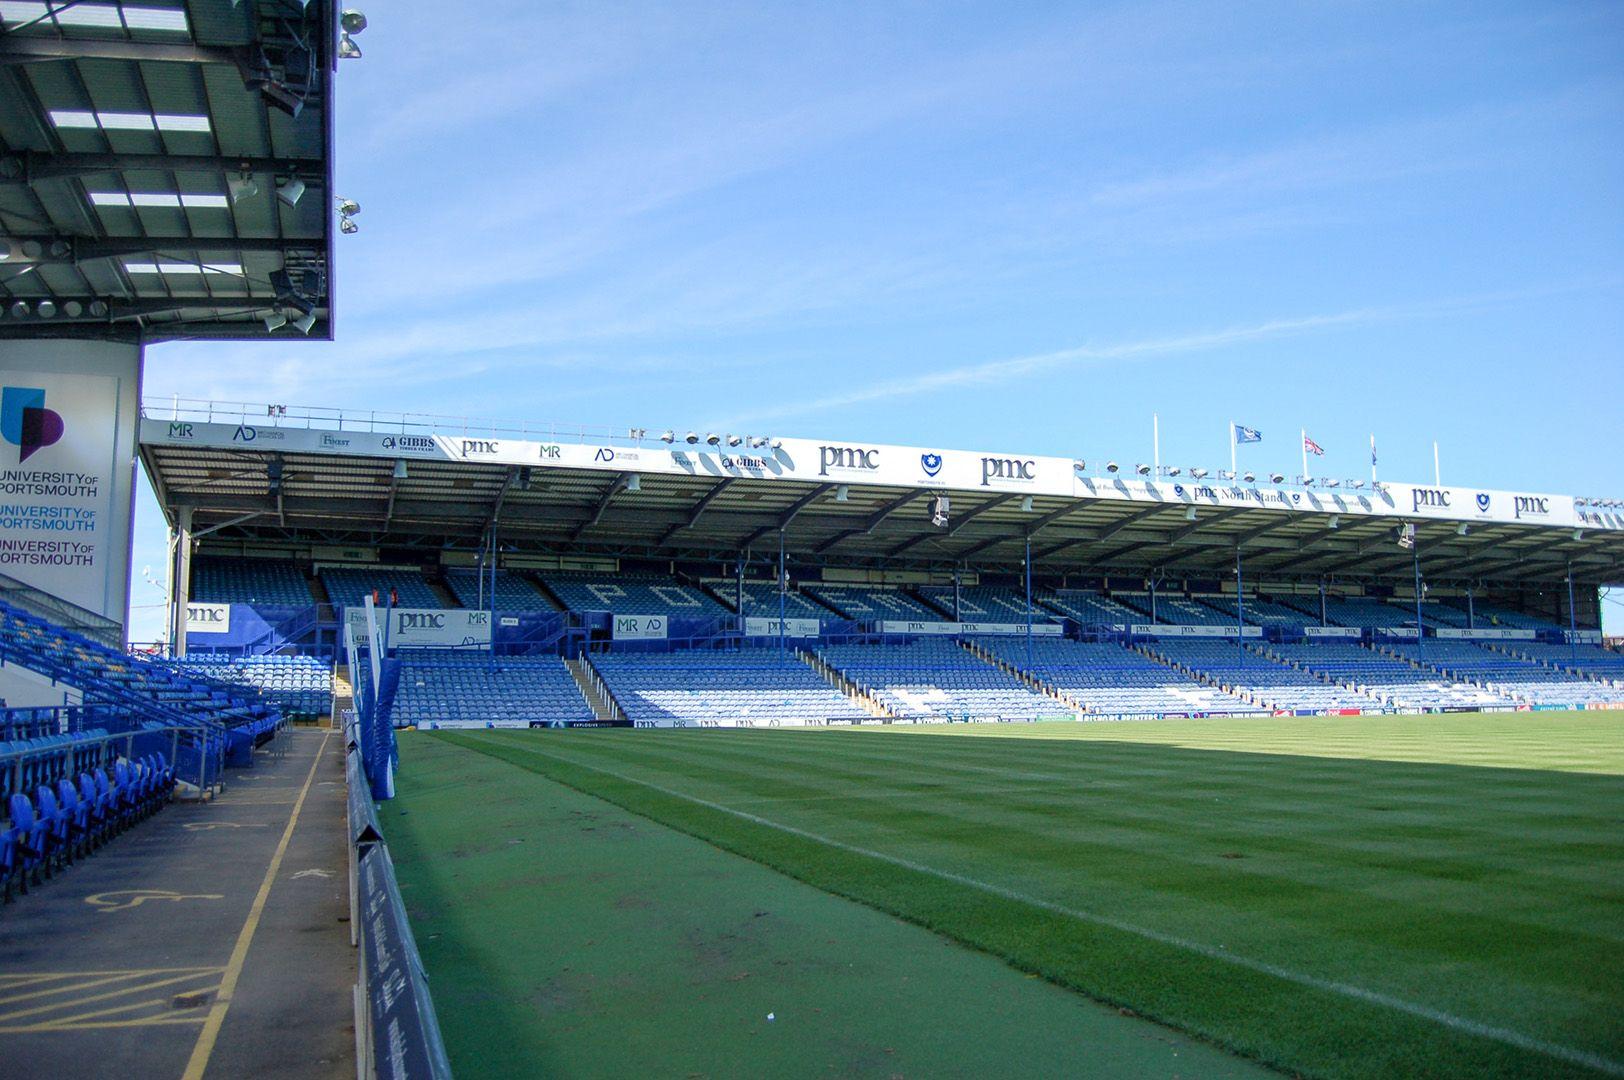 Stadium Signs